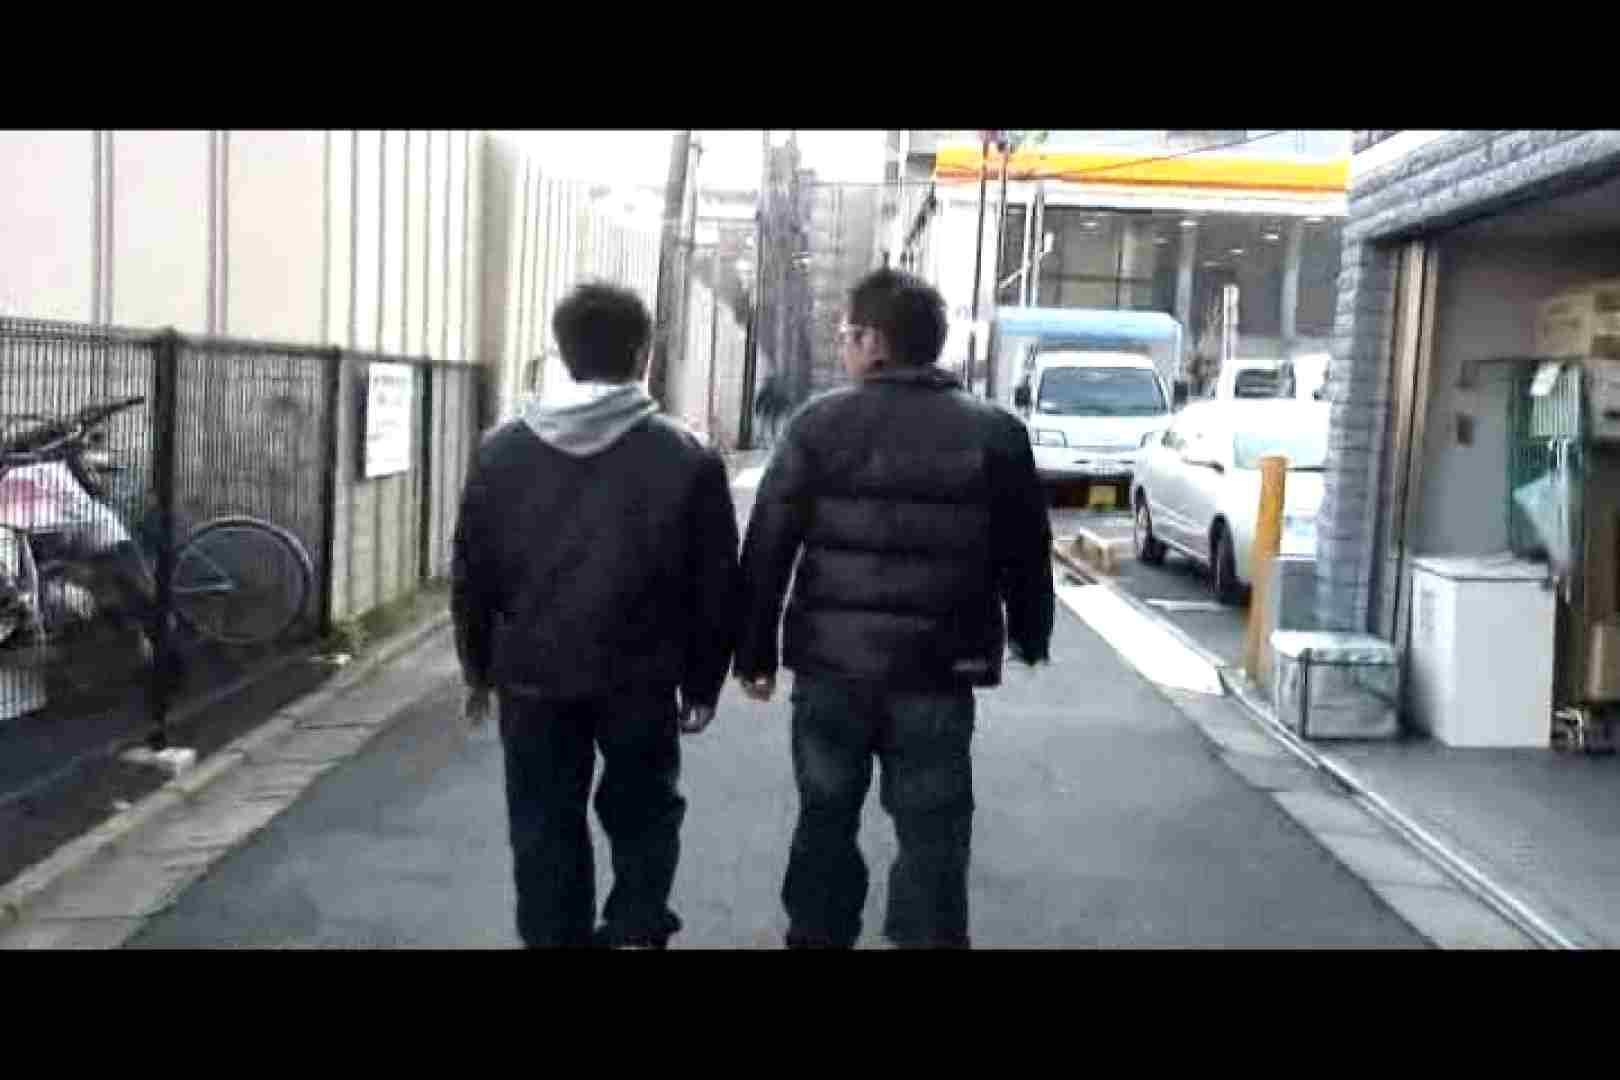 Bistro「イケメン」~Mokkori和風仕立て~vol.01 アナル舐め | フェラ天国 ゲイ肛門画像 111pic 28